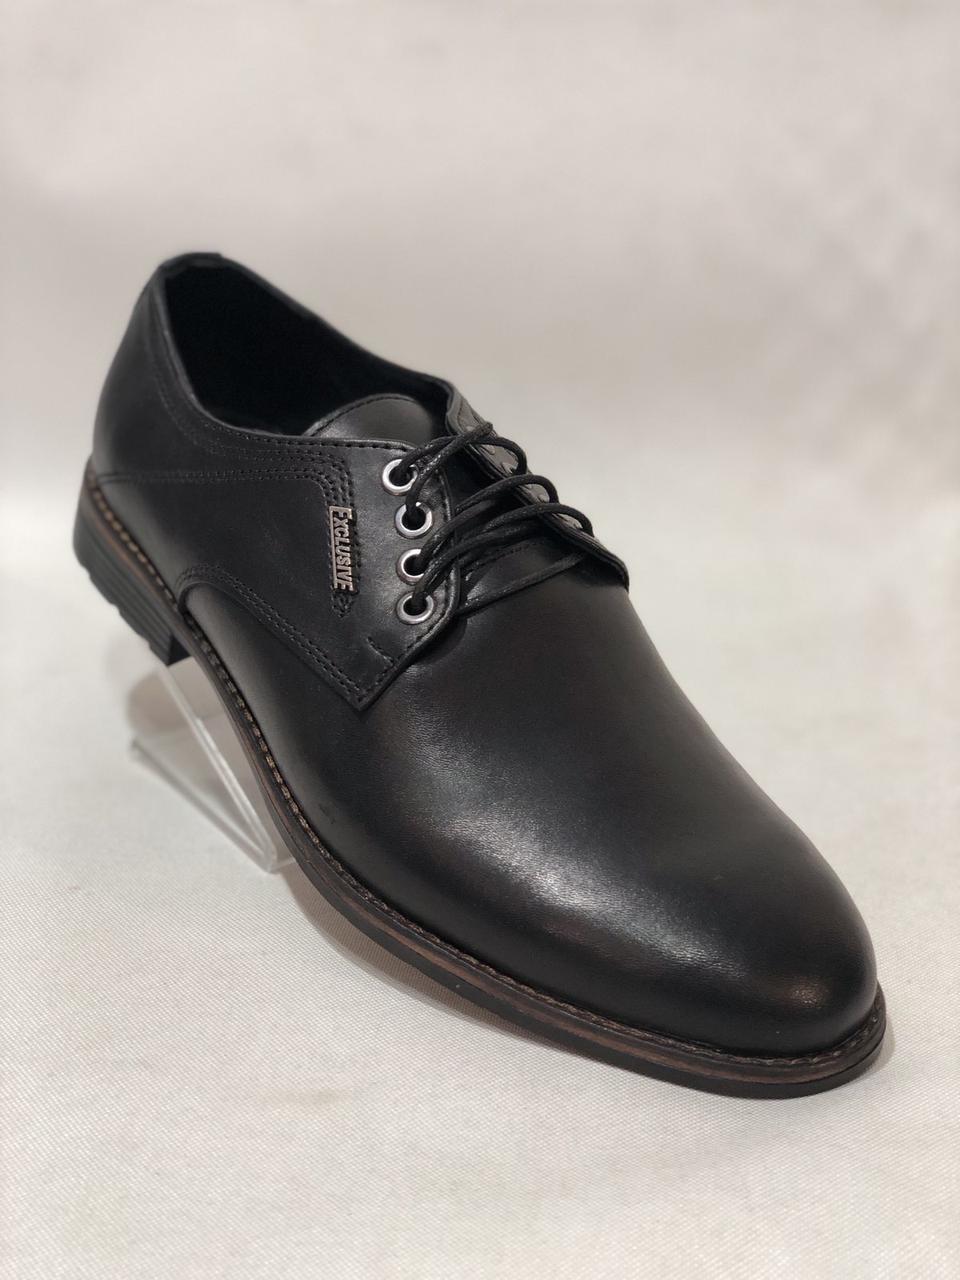 Туфли мужские кожаные BASTION (Бастион) на шнурках Черные